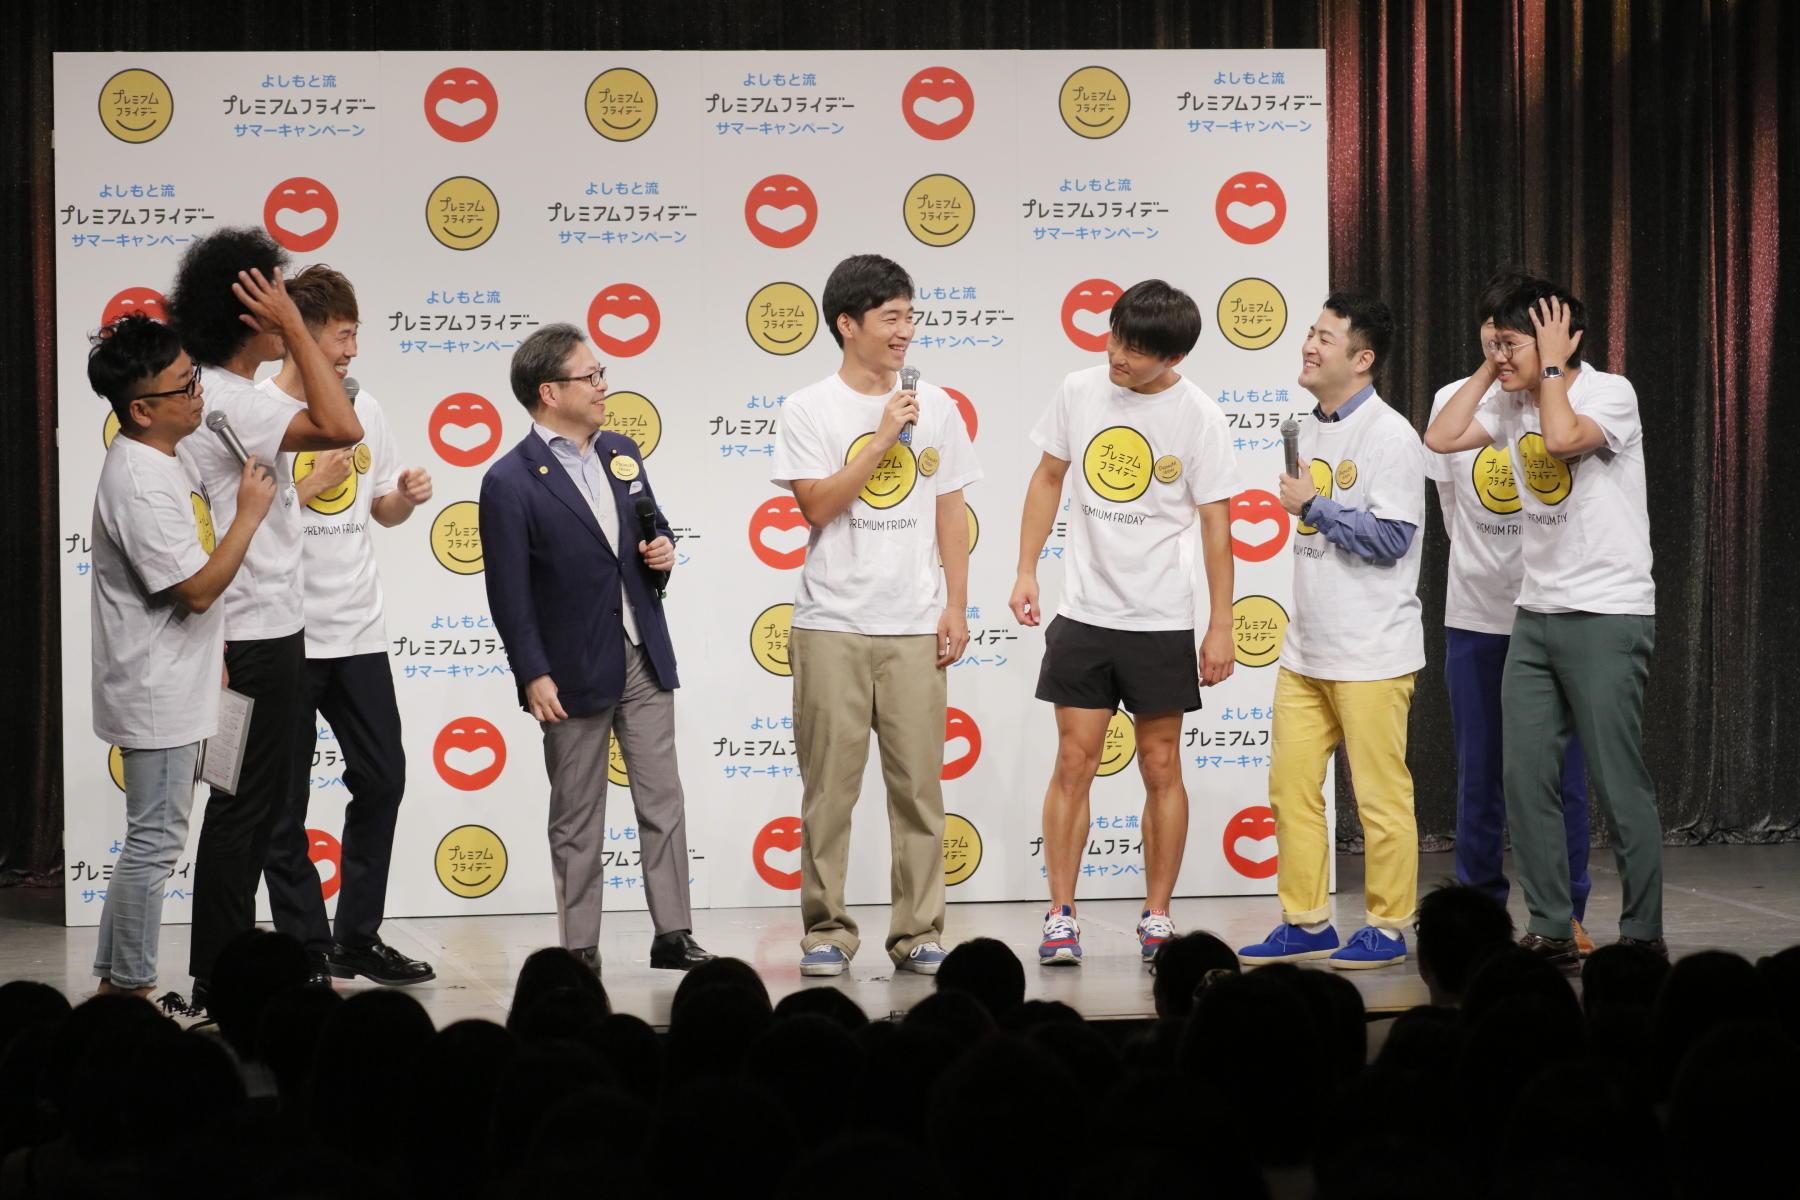 http://news.yoshimoto.co.jp/20180727225328-26dce84d0b6d3cda5017f2762cf584b724c28d56.jpg